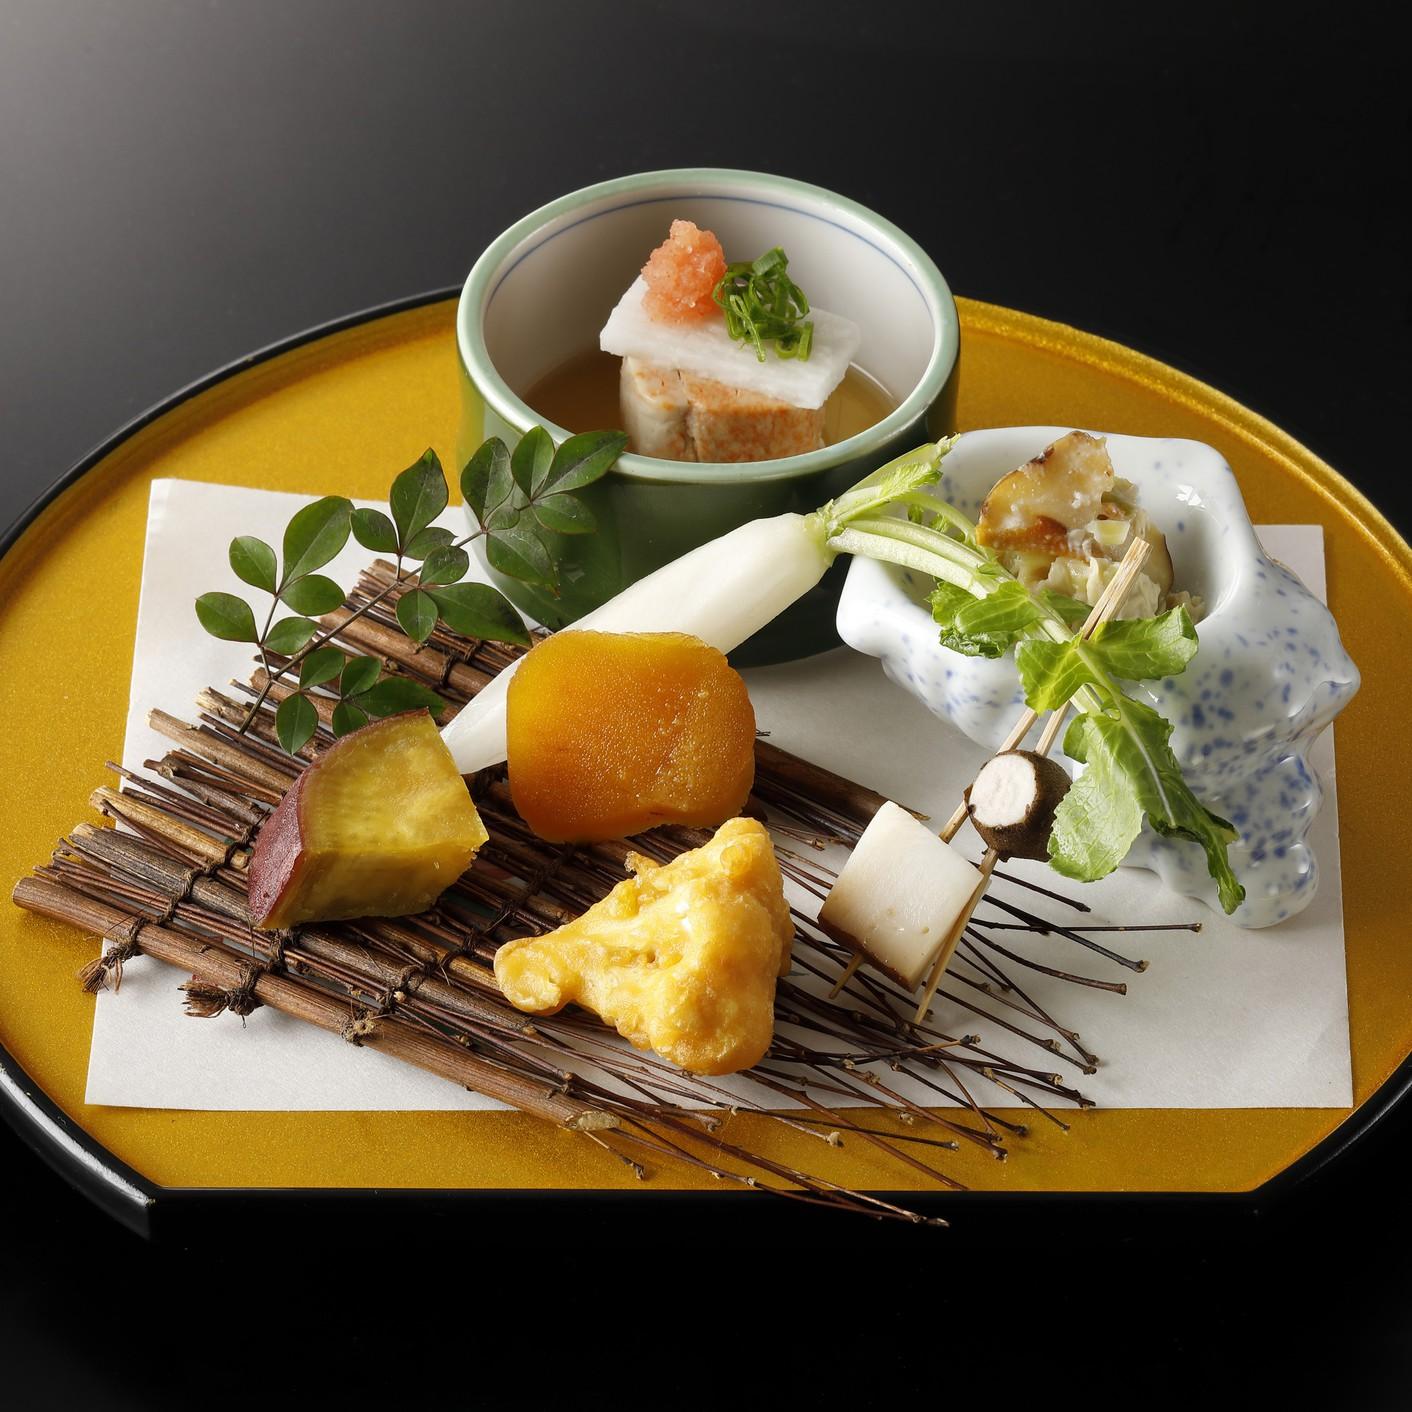 【秋冬旅セール】「【別荘のような寛ぎの離れ】 掛け流し温泉と季節の会席料理を楽しむ